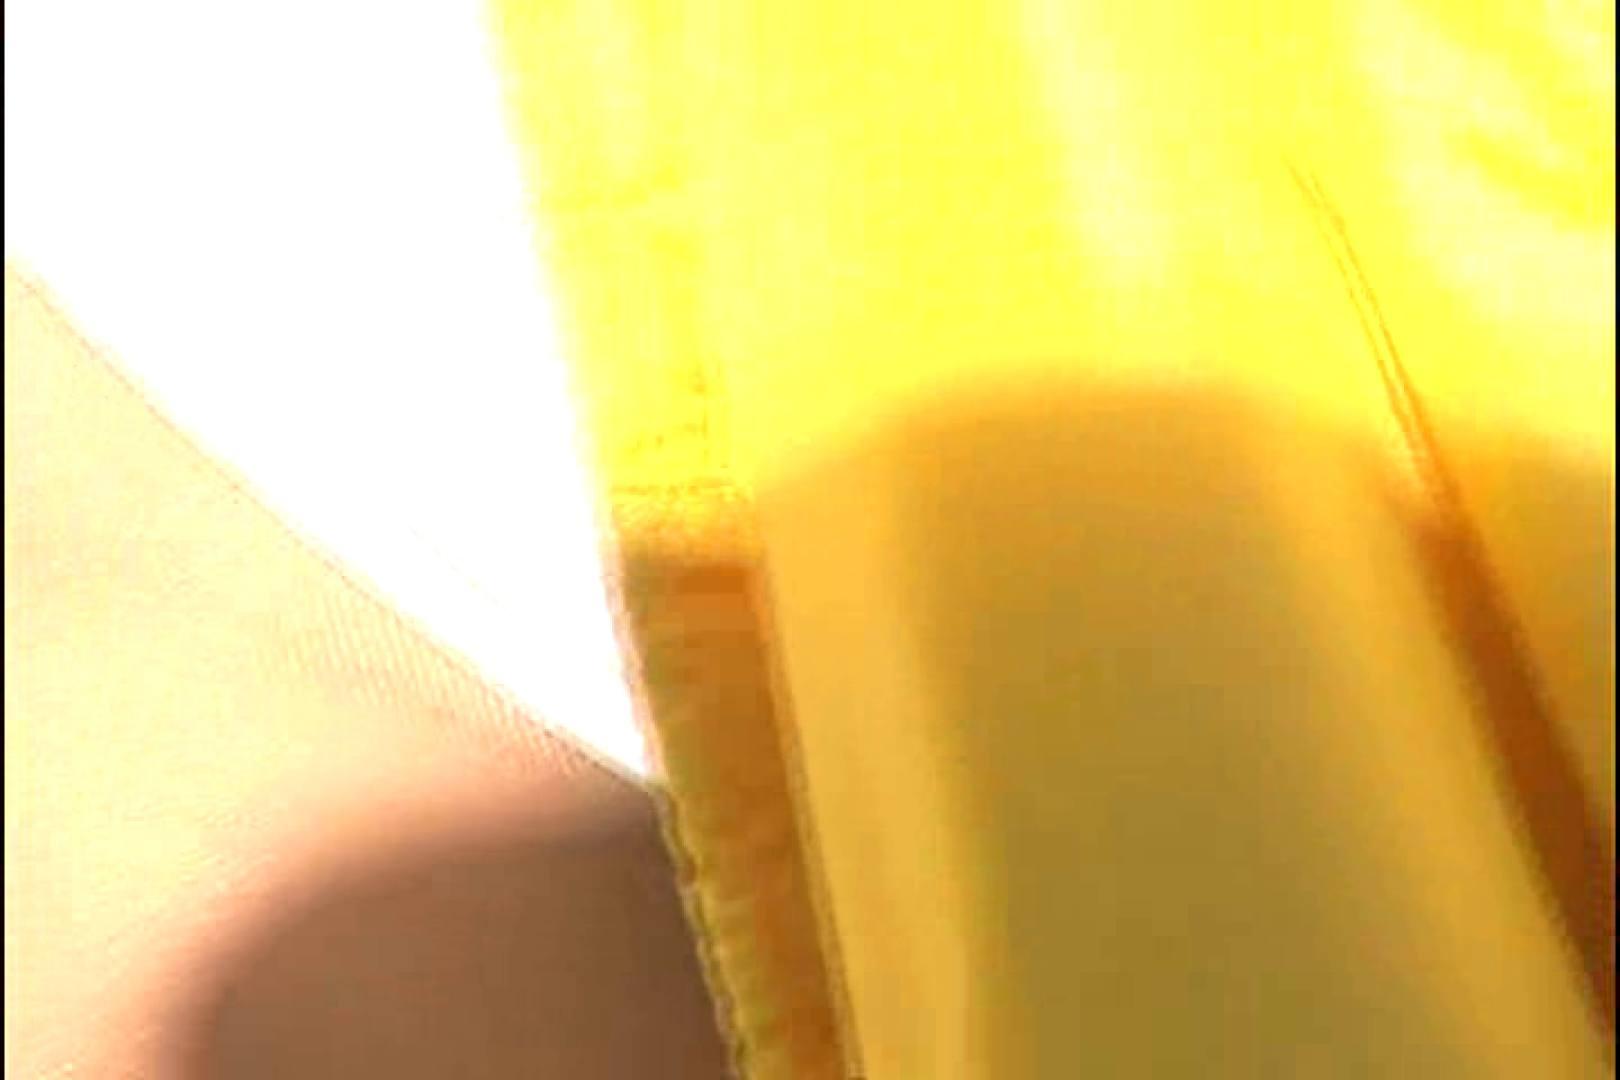 RQカメラ地獄Vol.13 股間 AV動画キャプチャ 95画像 73